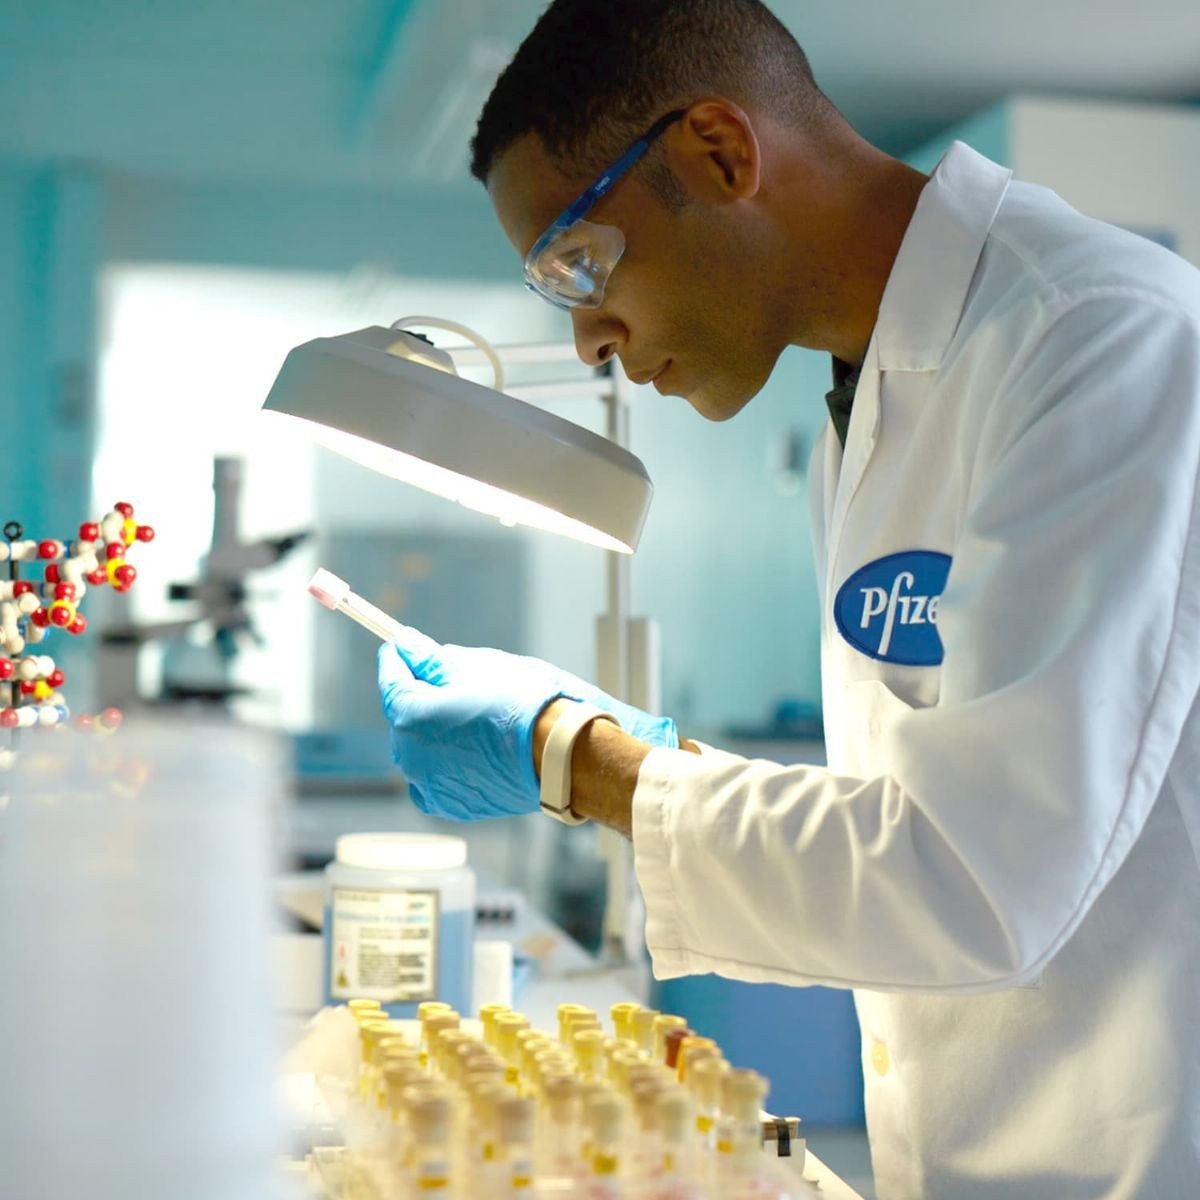 «Файзер» поставляет в Израиль большое количество прививок, так что большинство израильтян уже вакцинировалось и сейчас на очереди - дети и младенцы.